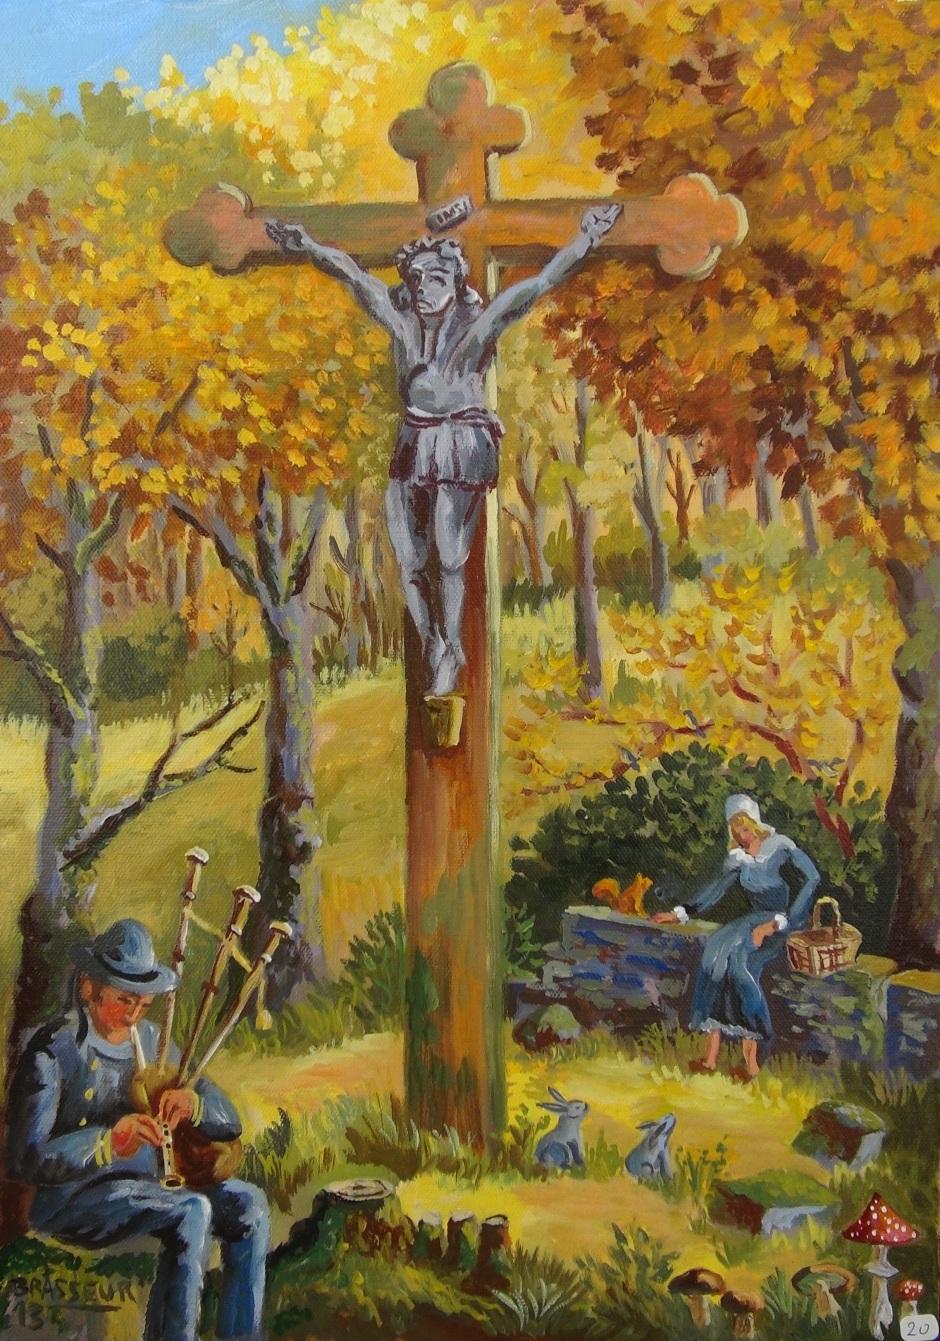 Huile sur toile - 2013 Un clin d'œil au Christ de Gauguin. 46cmx33cm 200 euros